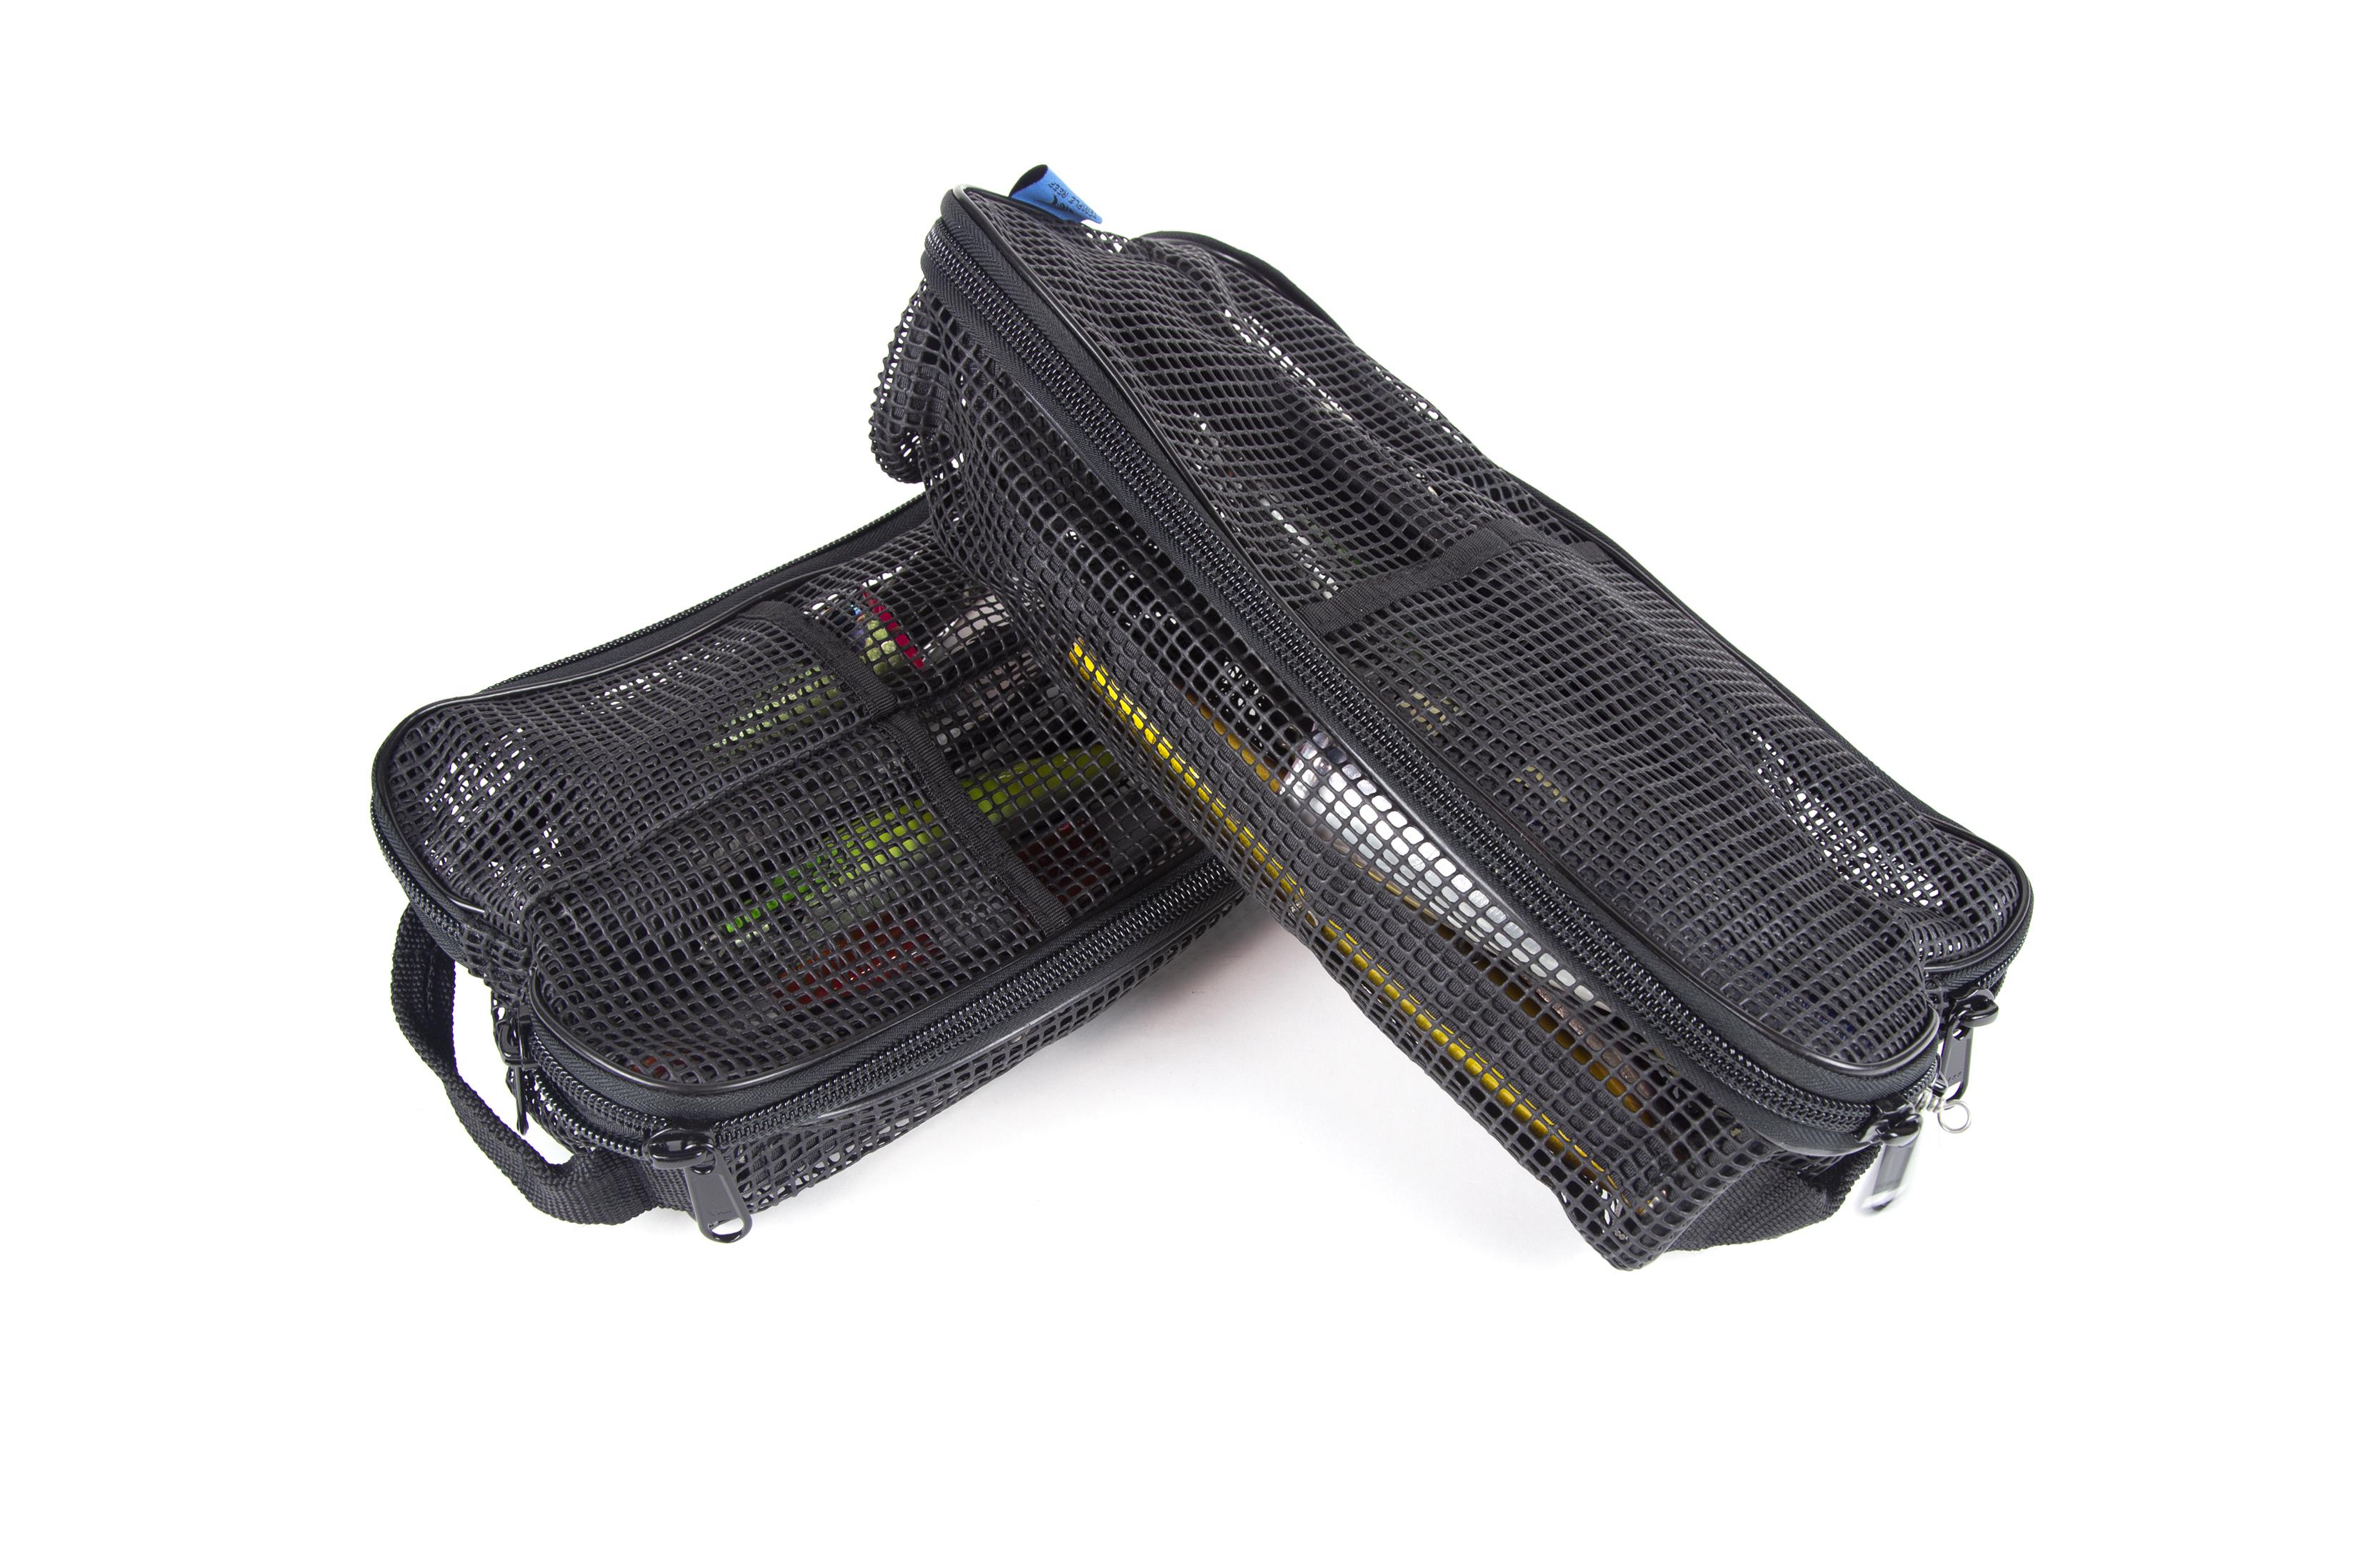 mesh-lure-bag-IMG_4314